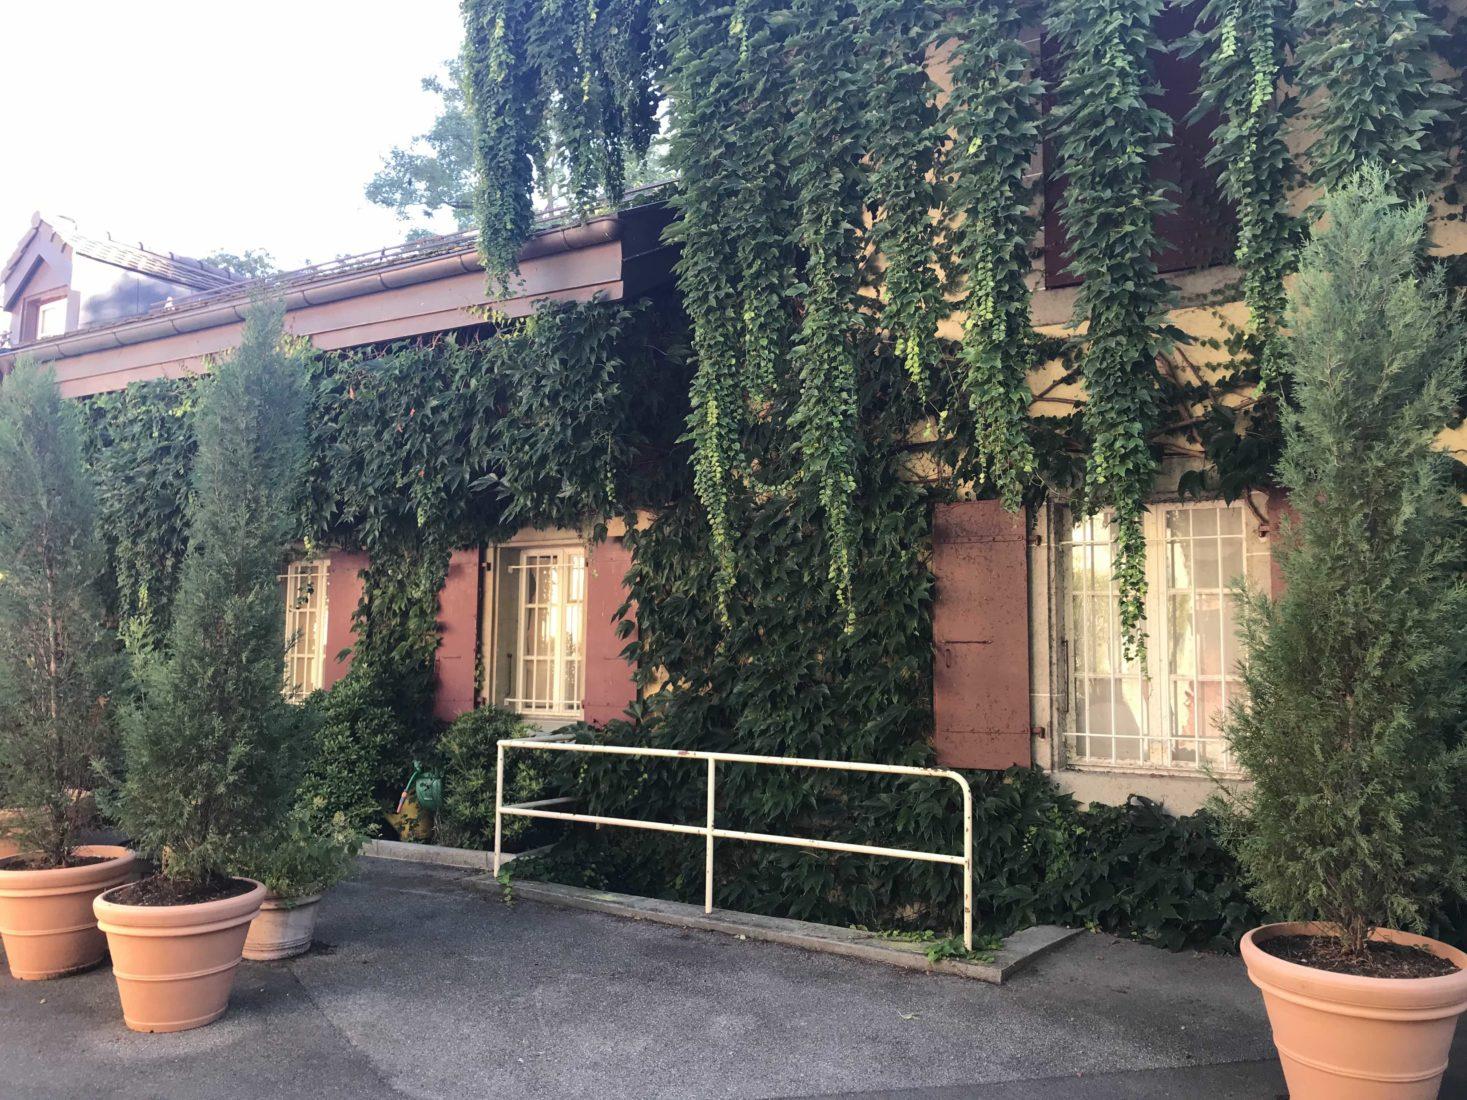 maison rose Simenon rue des Figuiers Lausanne